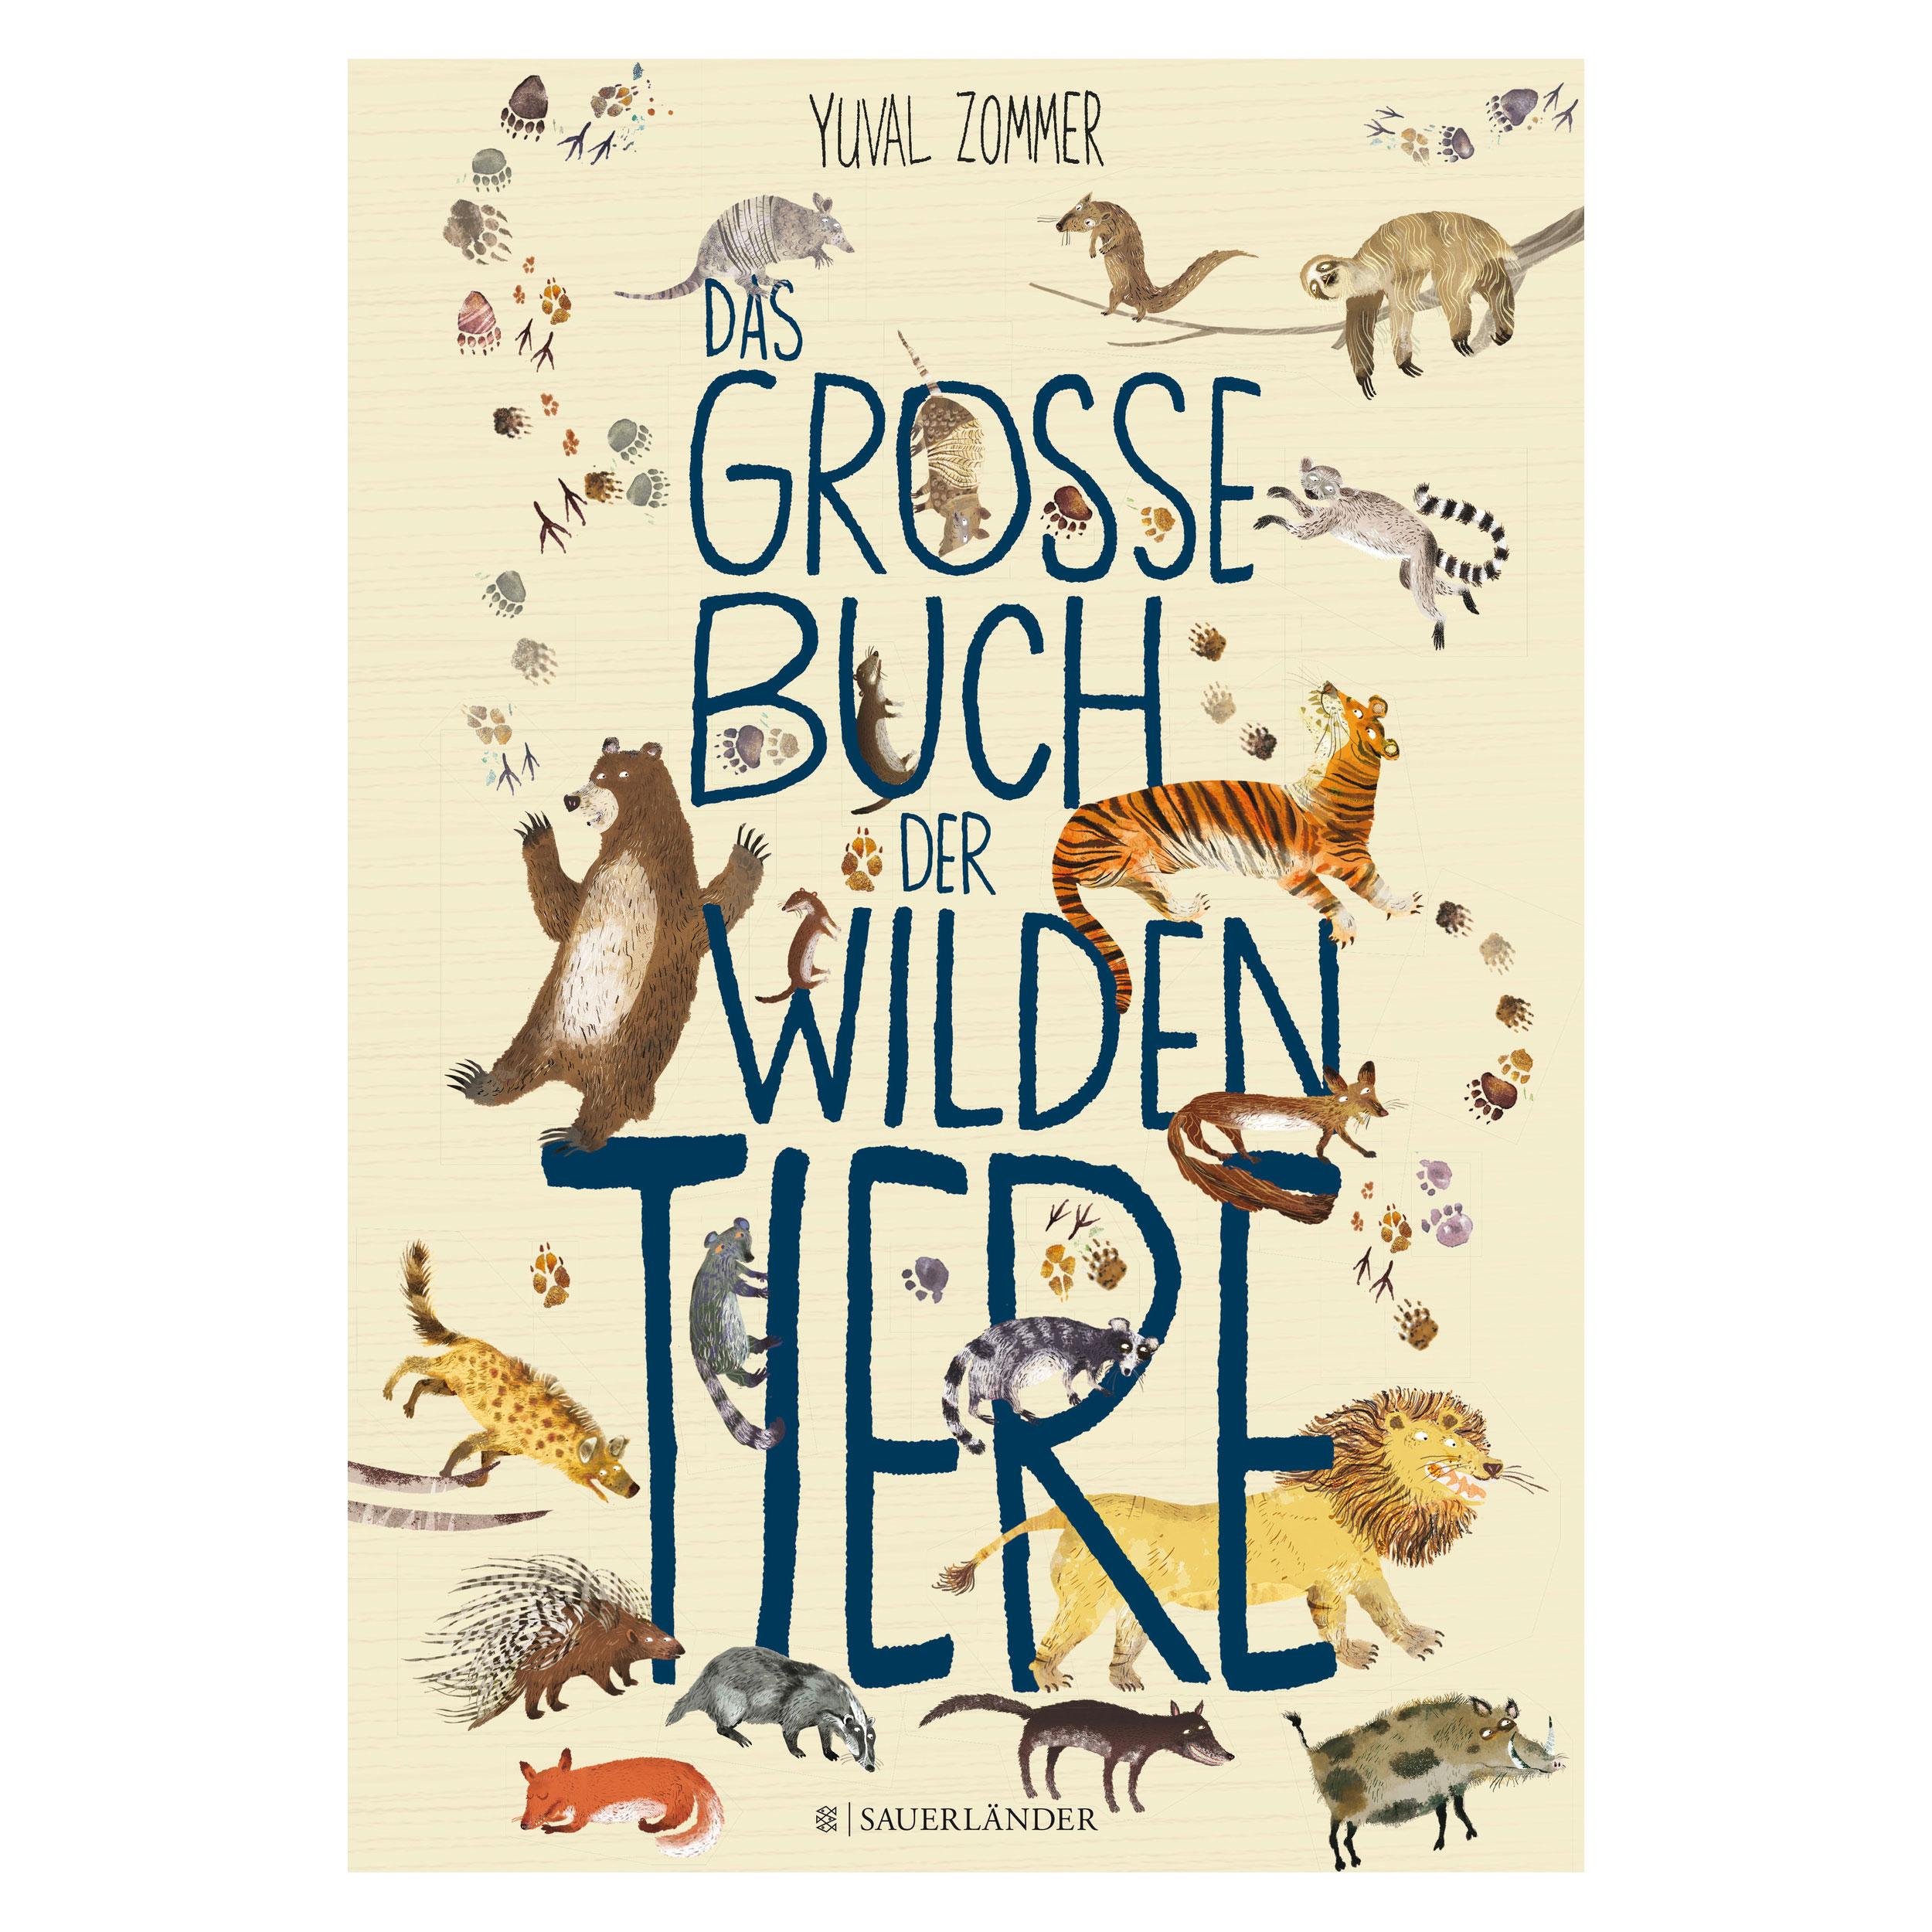 Das große Buch der wilden Tiere ab 4J.